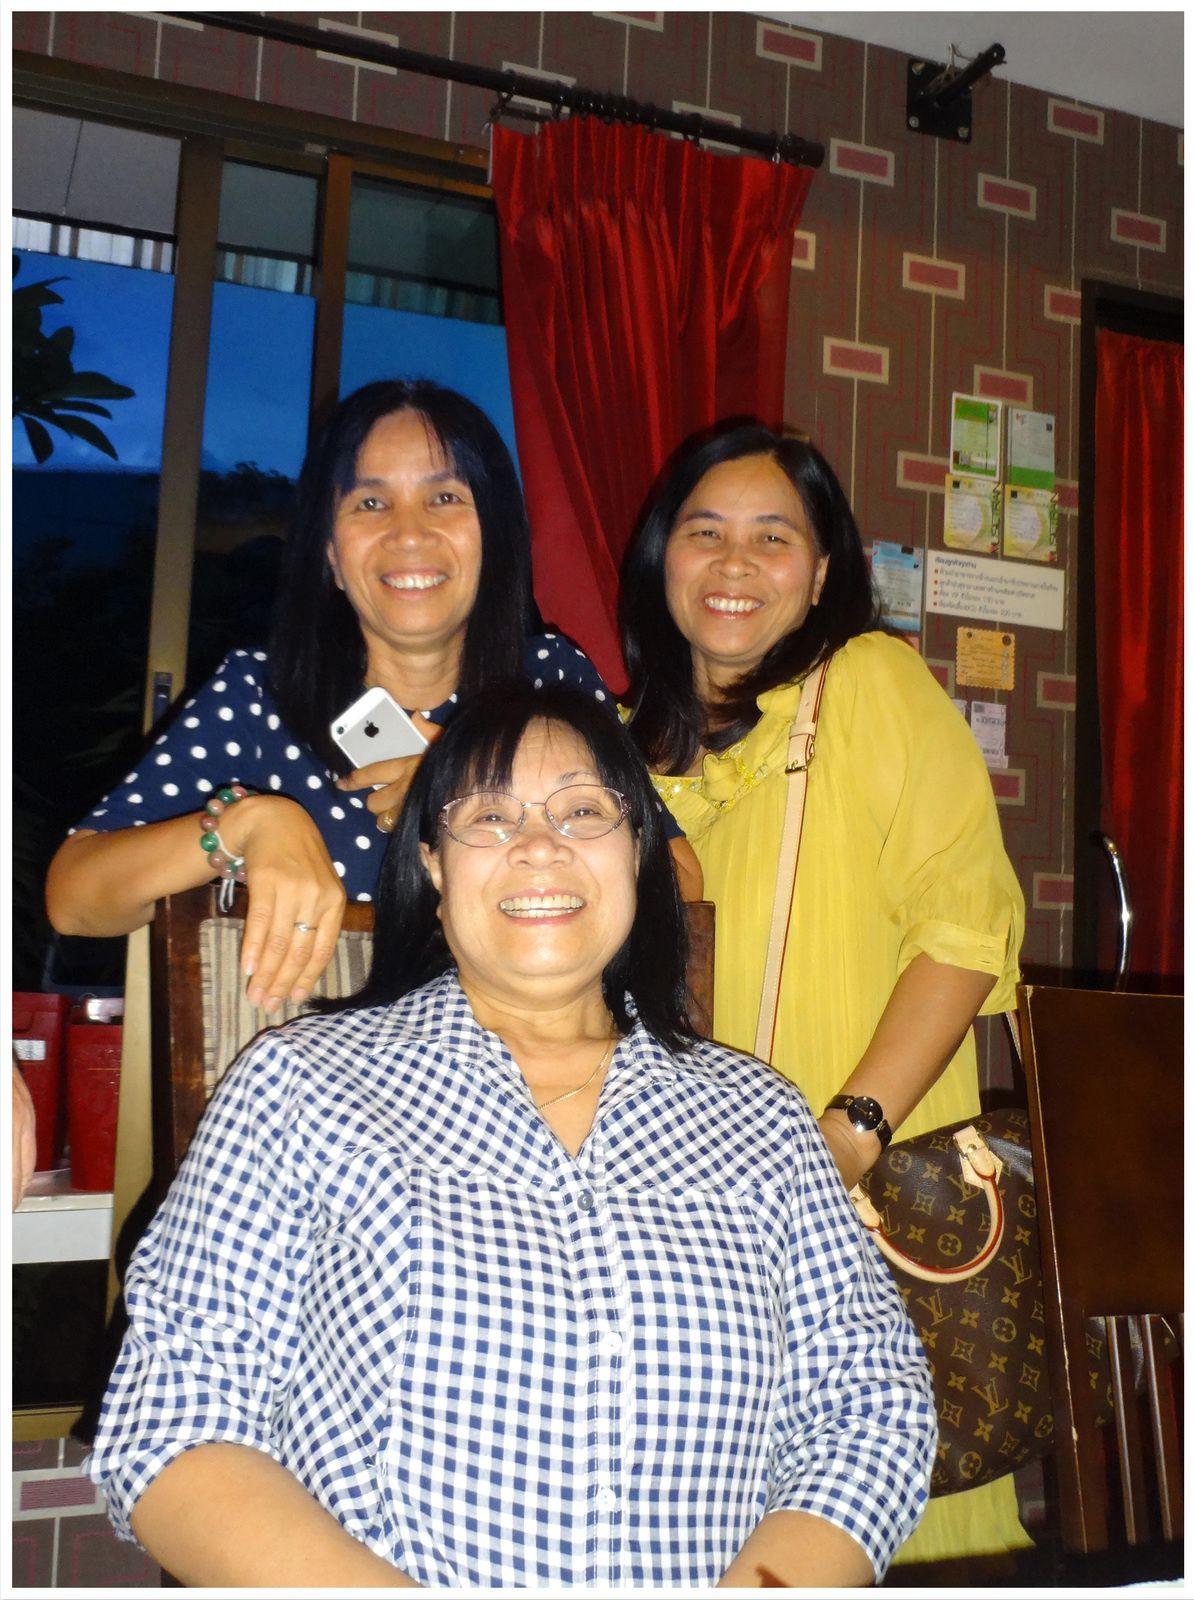 Yuphin, Malewan et Siriphan